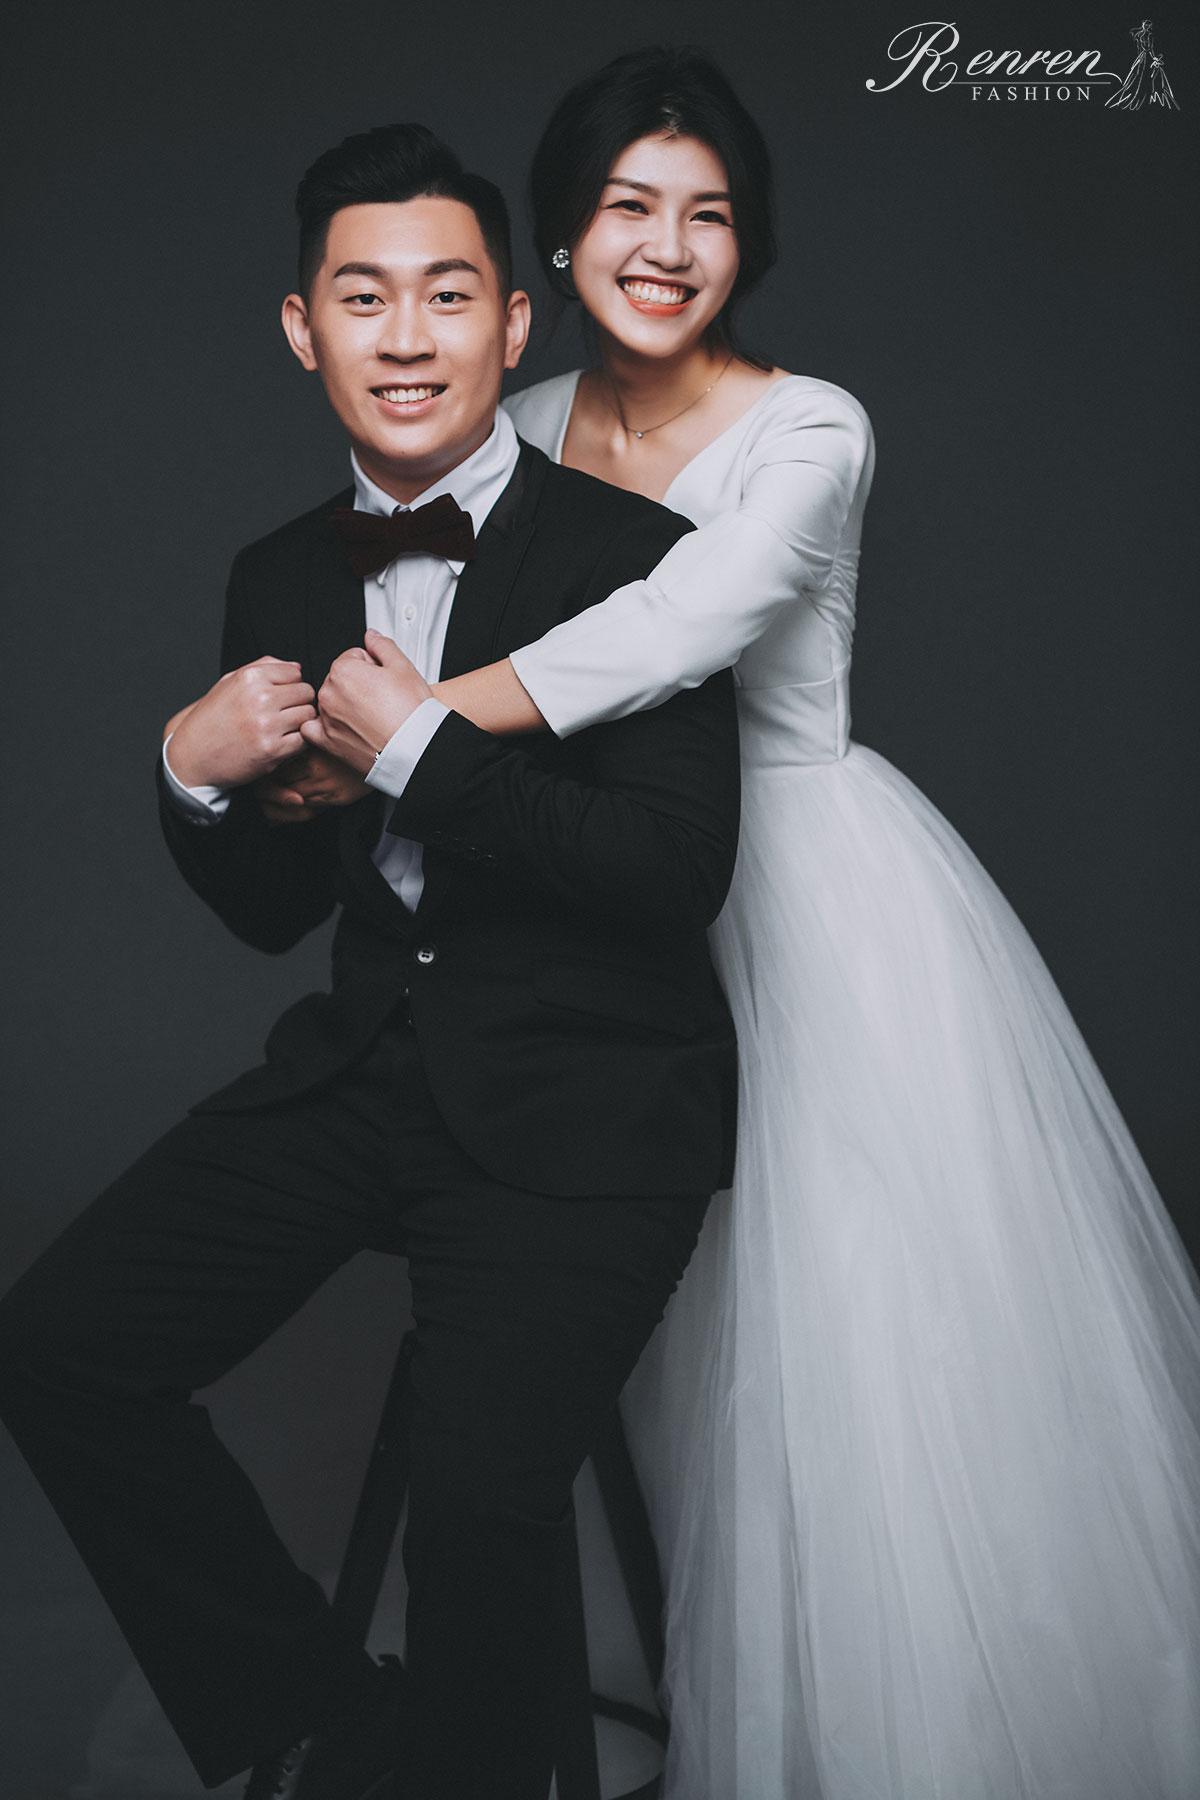 婚紗 美式自然 - 台中-冉冉婚紗-素背景-韓風婚紗